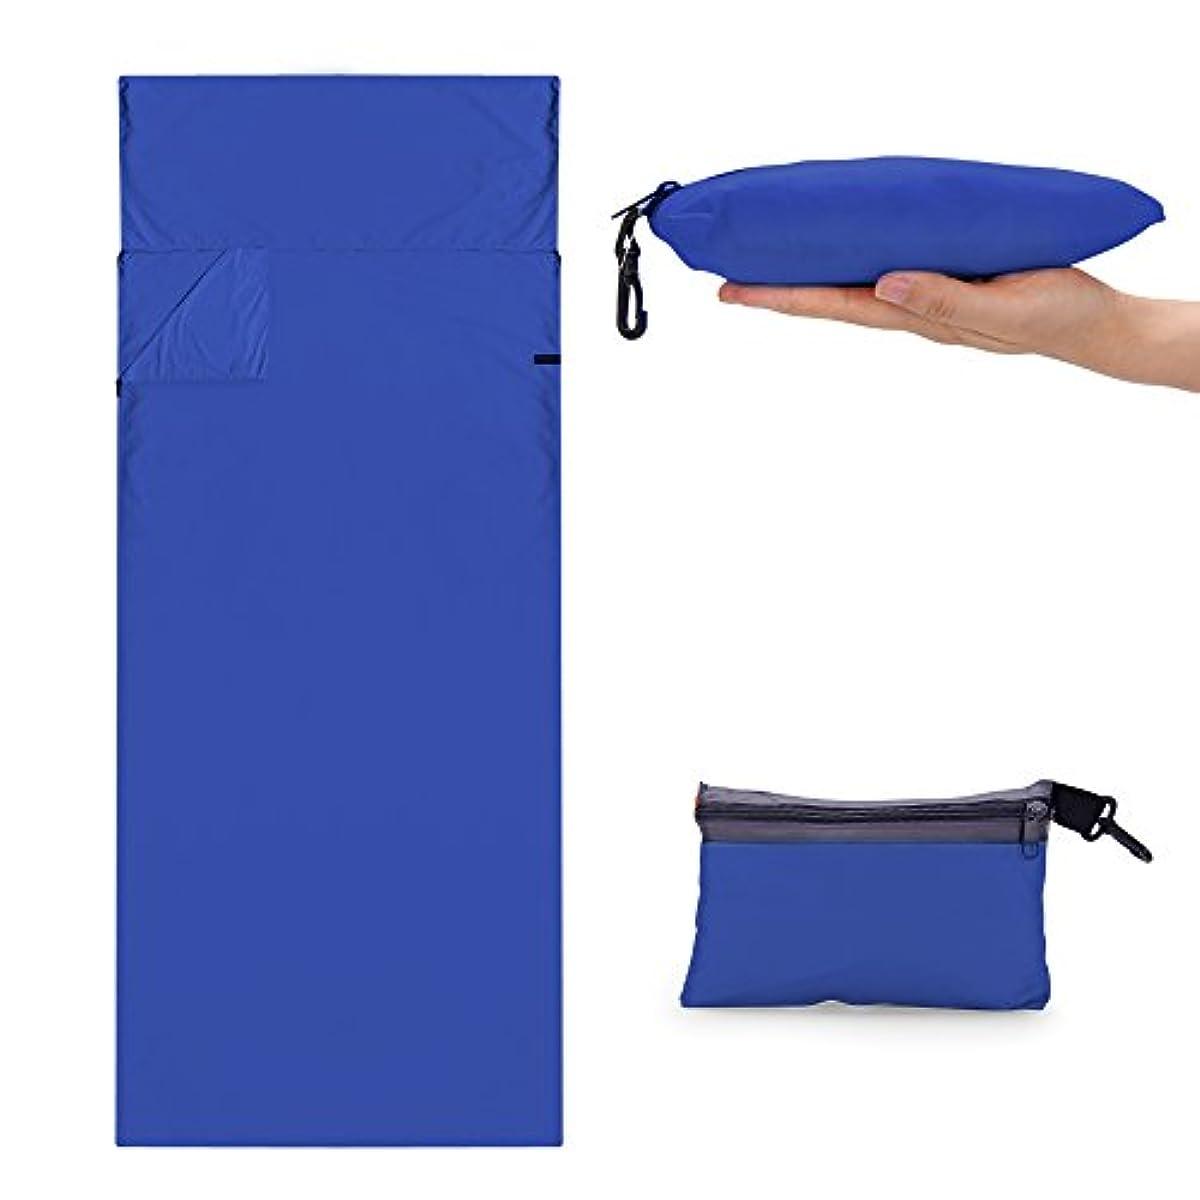 [해외] CYCLETRACK 이너침낭 침낭 세탁 가능 210*70CM 캠프 아웃도어 콤팩트 수납